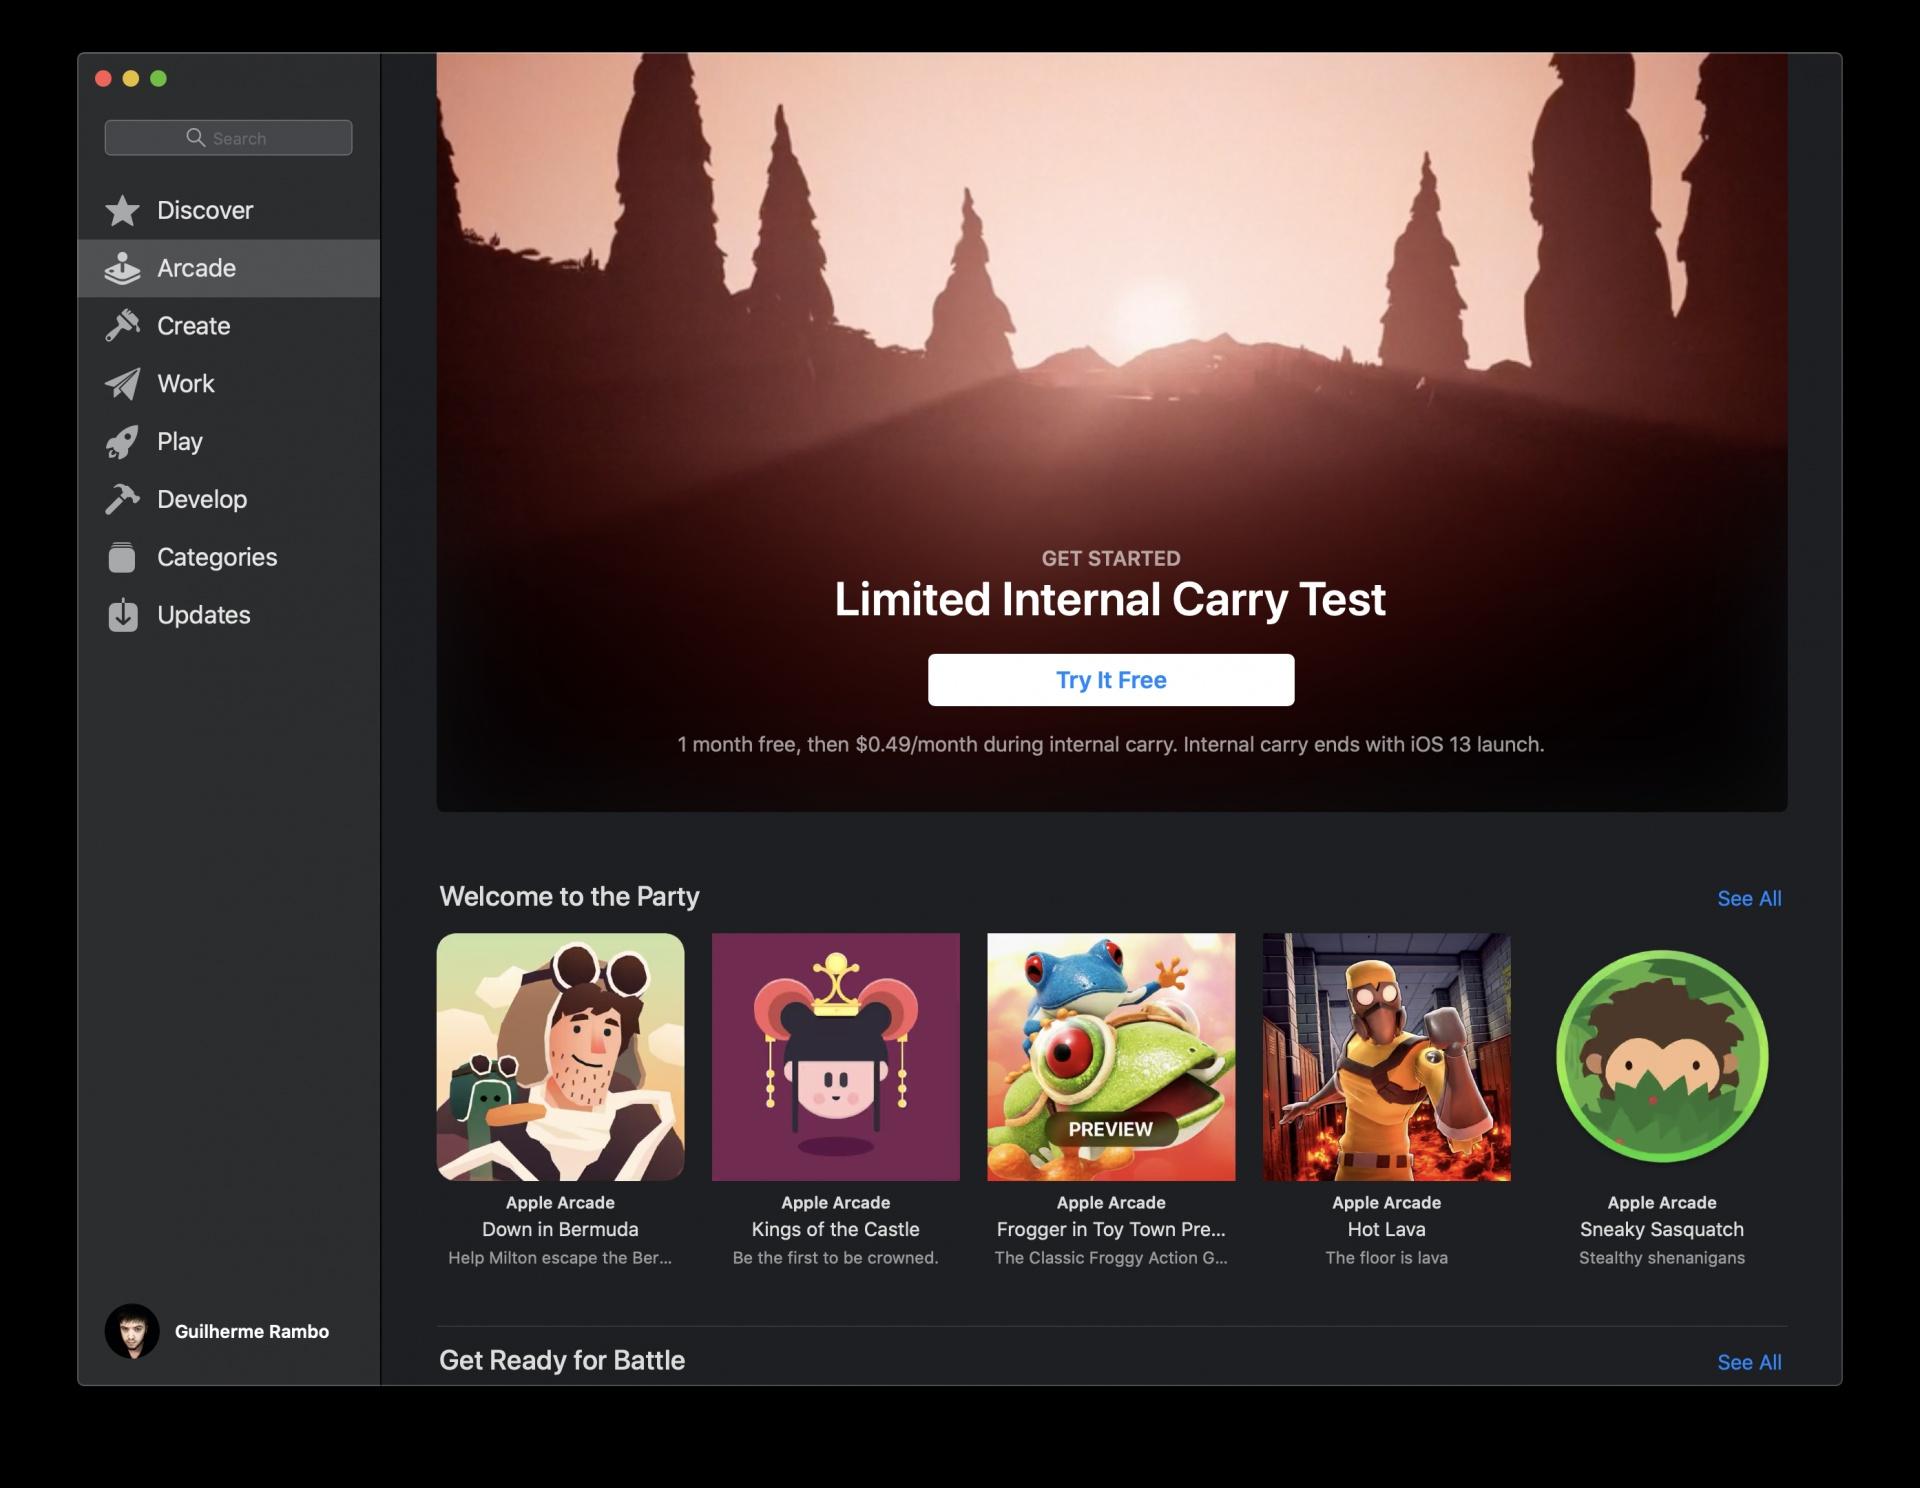 Сервис Apple Arcade уже доступен некоторым сотрудникам компании